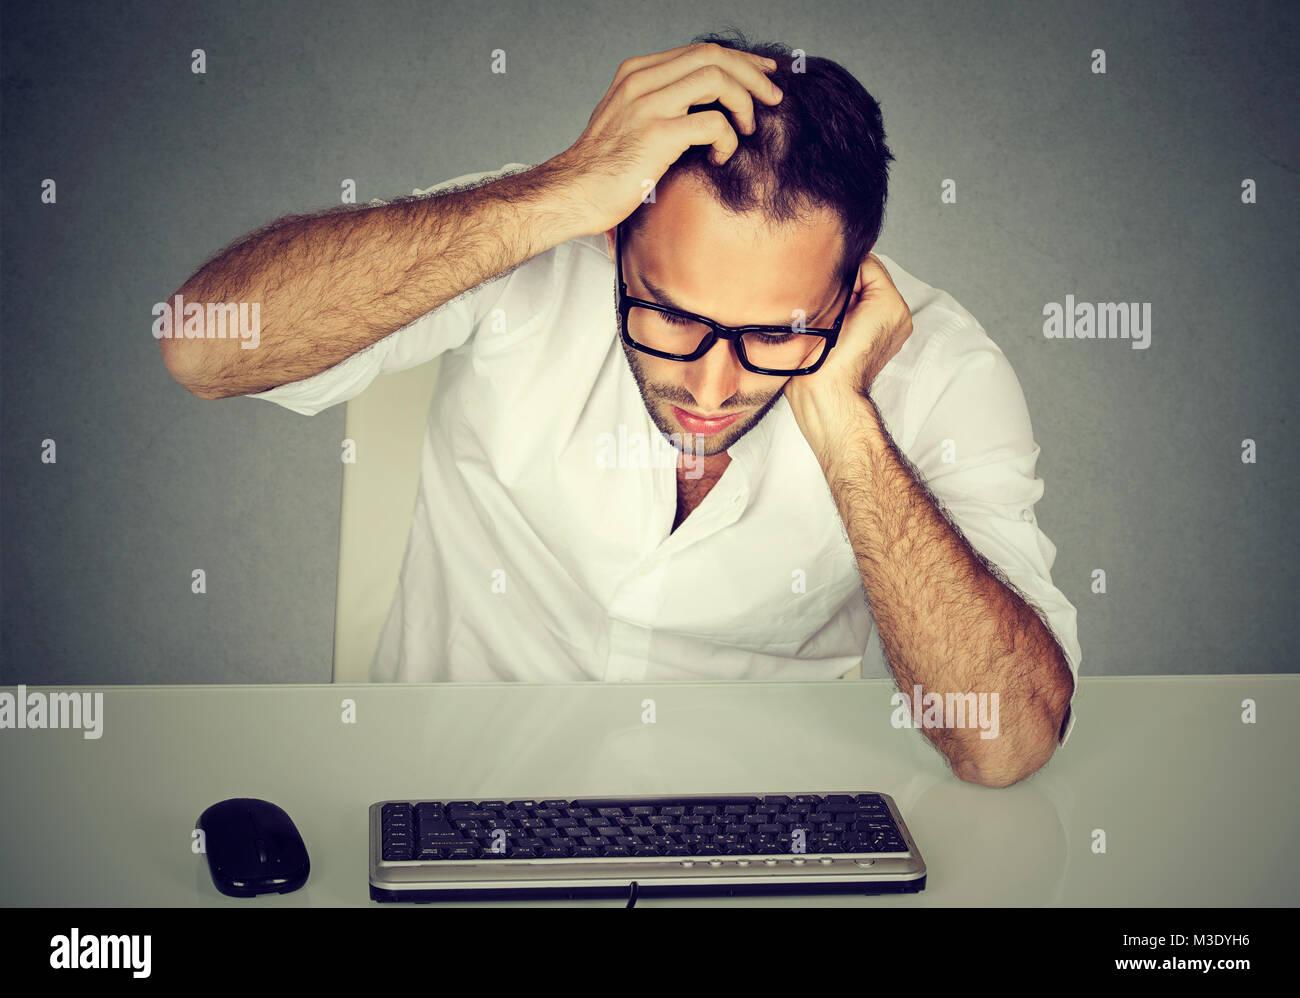 Formale Mann in Brillen kratzen Kopf versuchen zu erinnern Kennwort bei der Tastatur. Stockbild